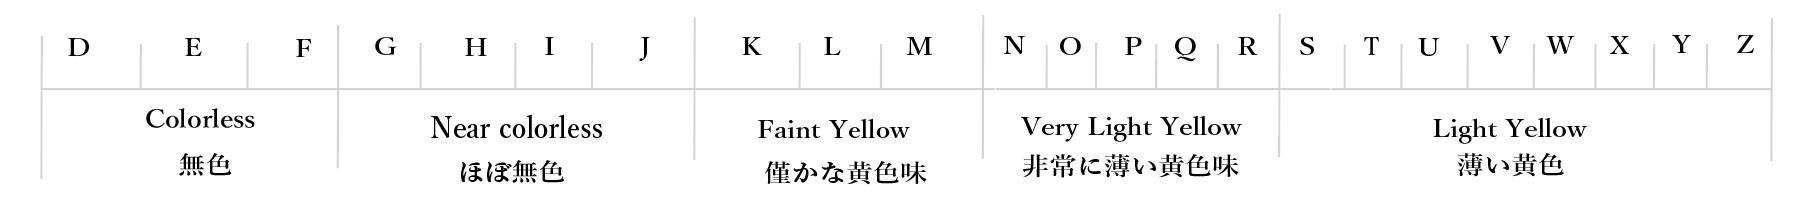 ダイヤモンドのカラーのグレード表